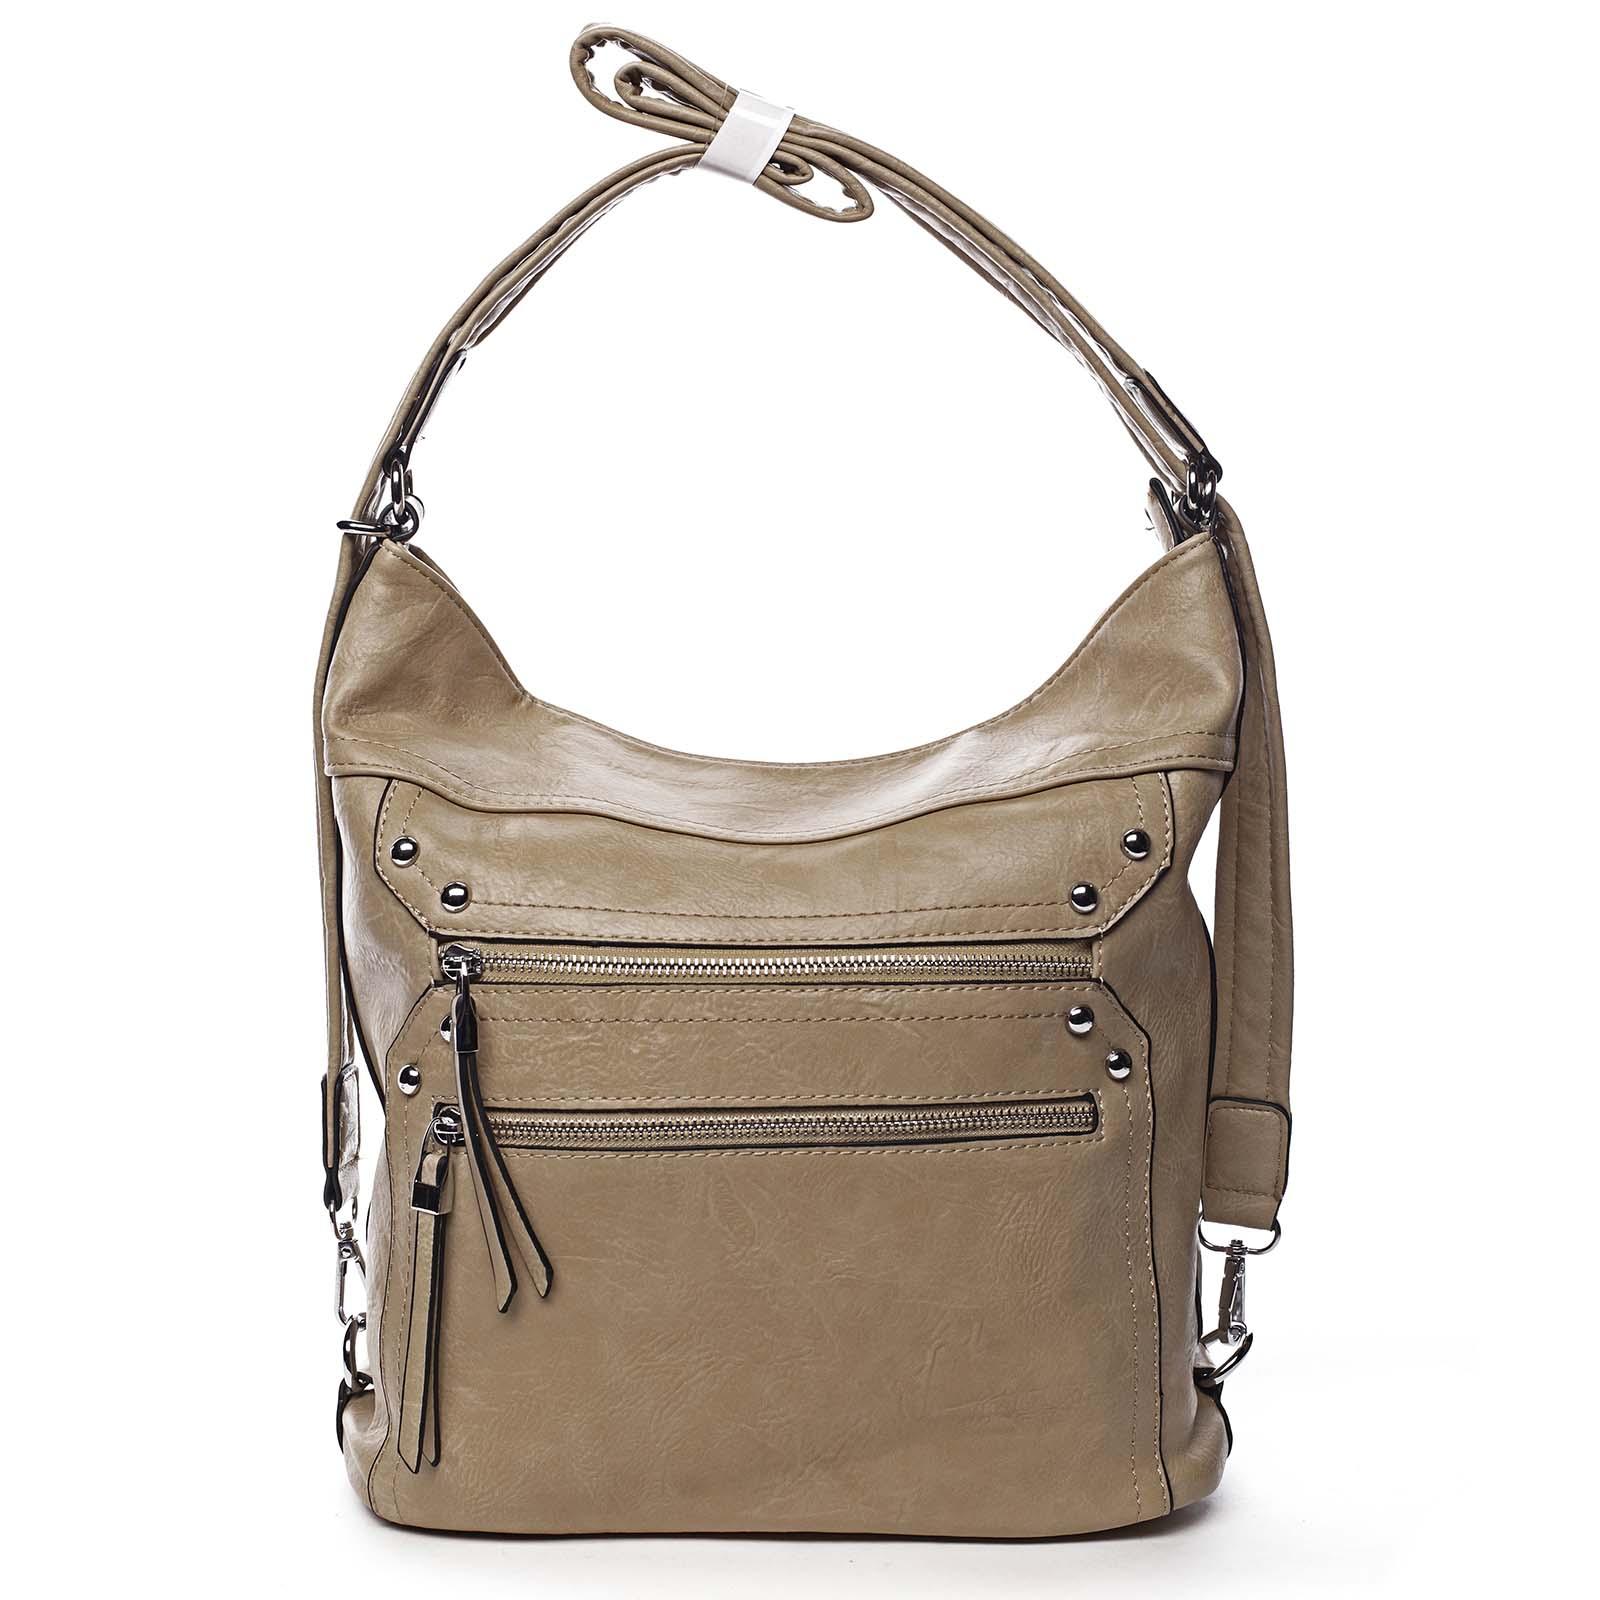 Dámska kabelka batoh tmavobéžová - Romina Alfa